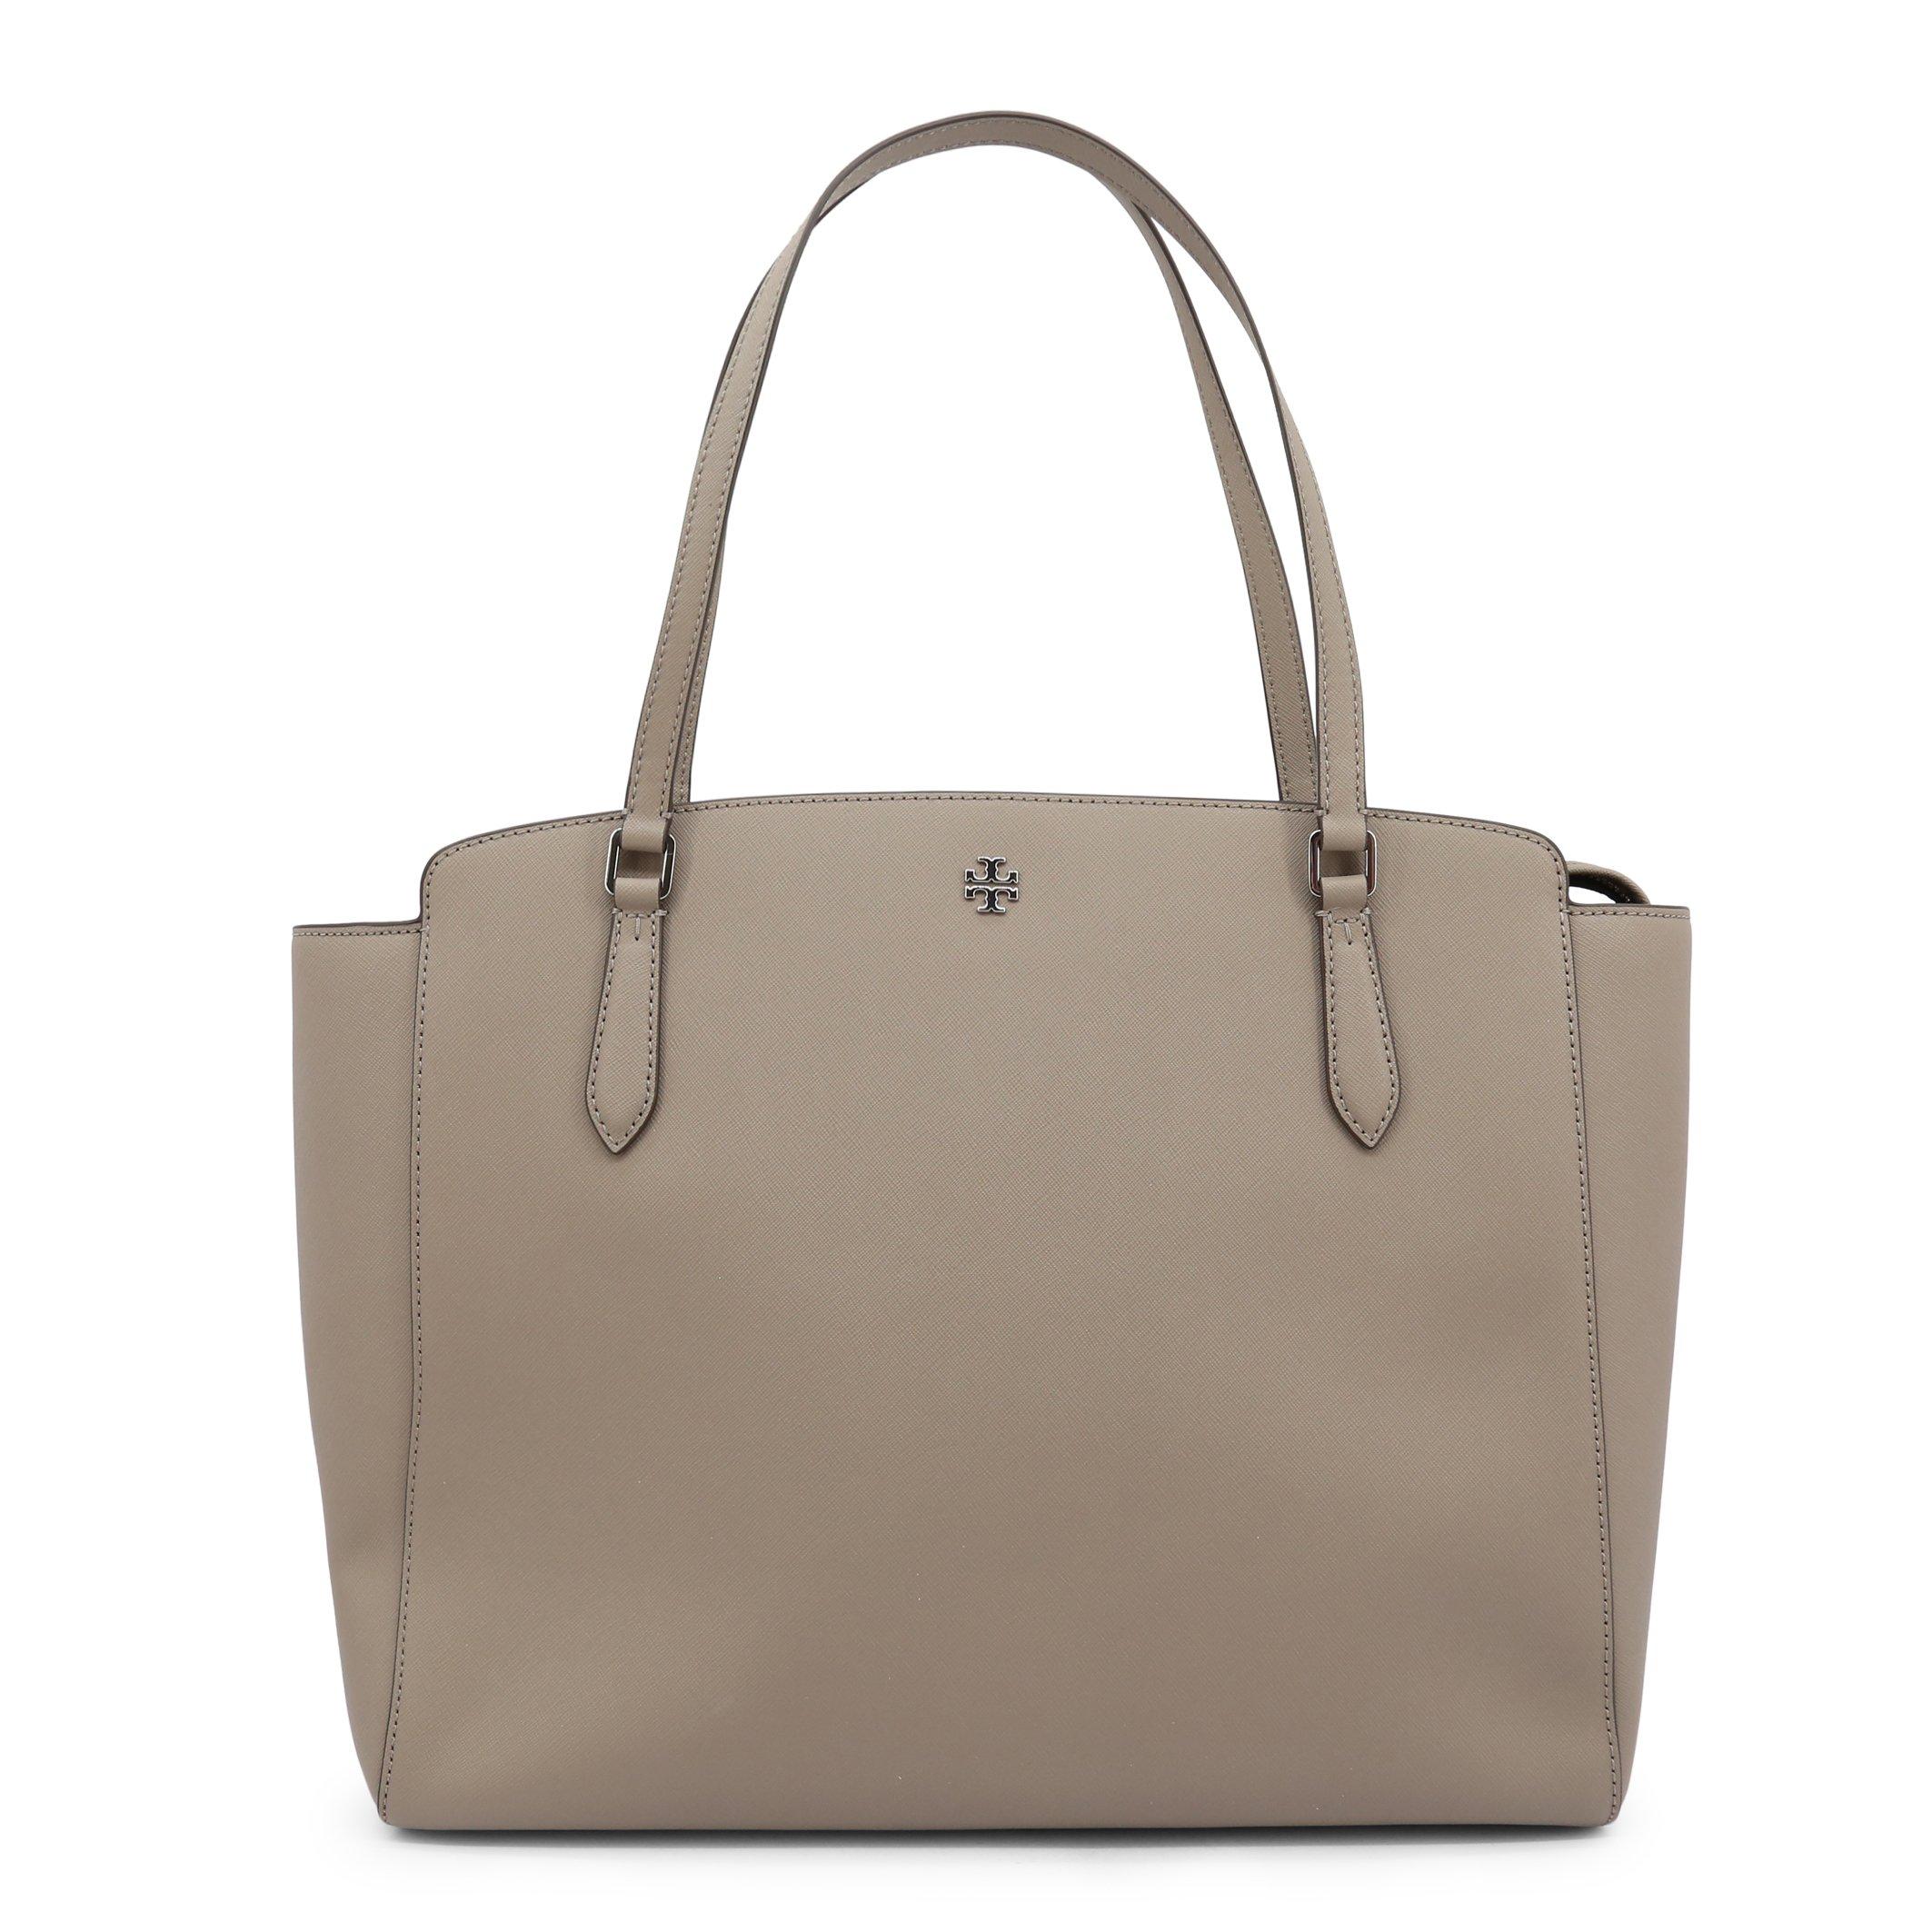 Tory Burch Women's Shopping Bag Blue 64190 - brown-1 NOSIZE